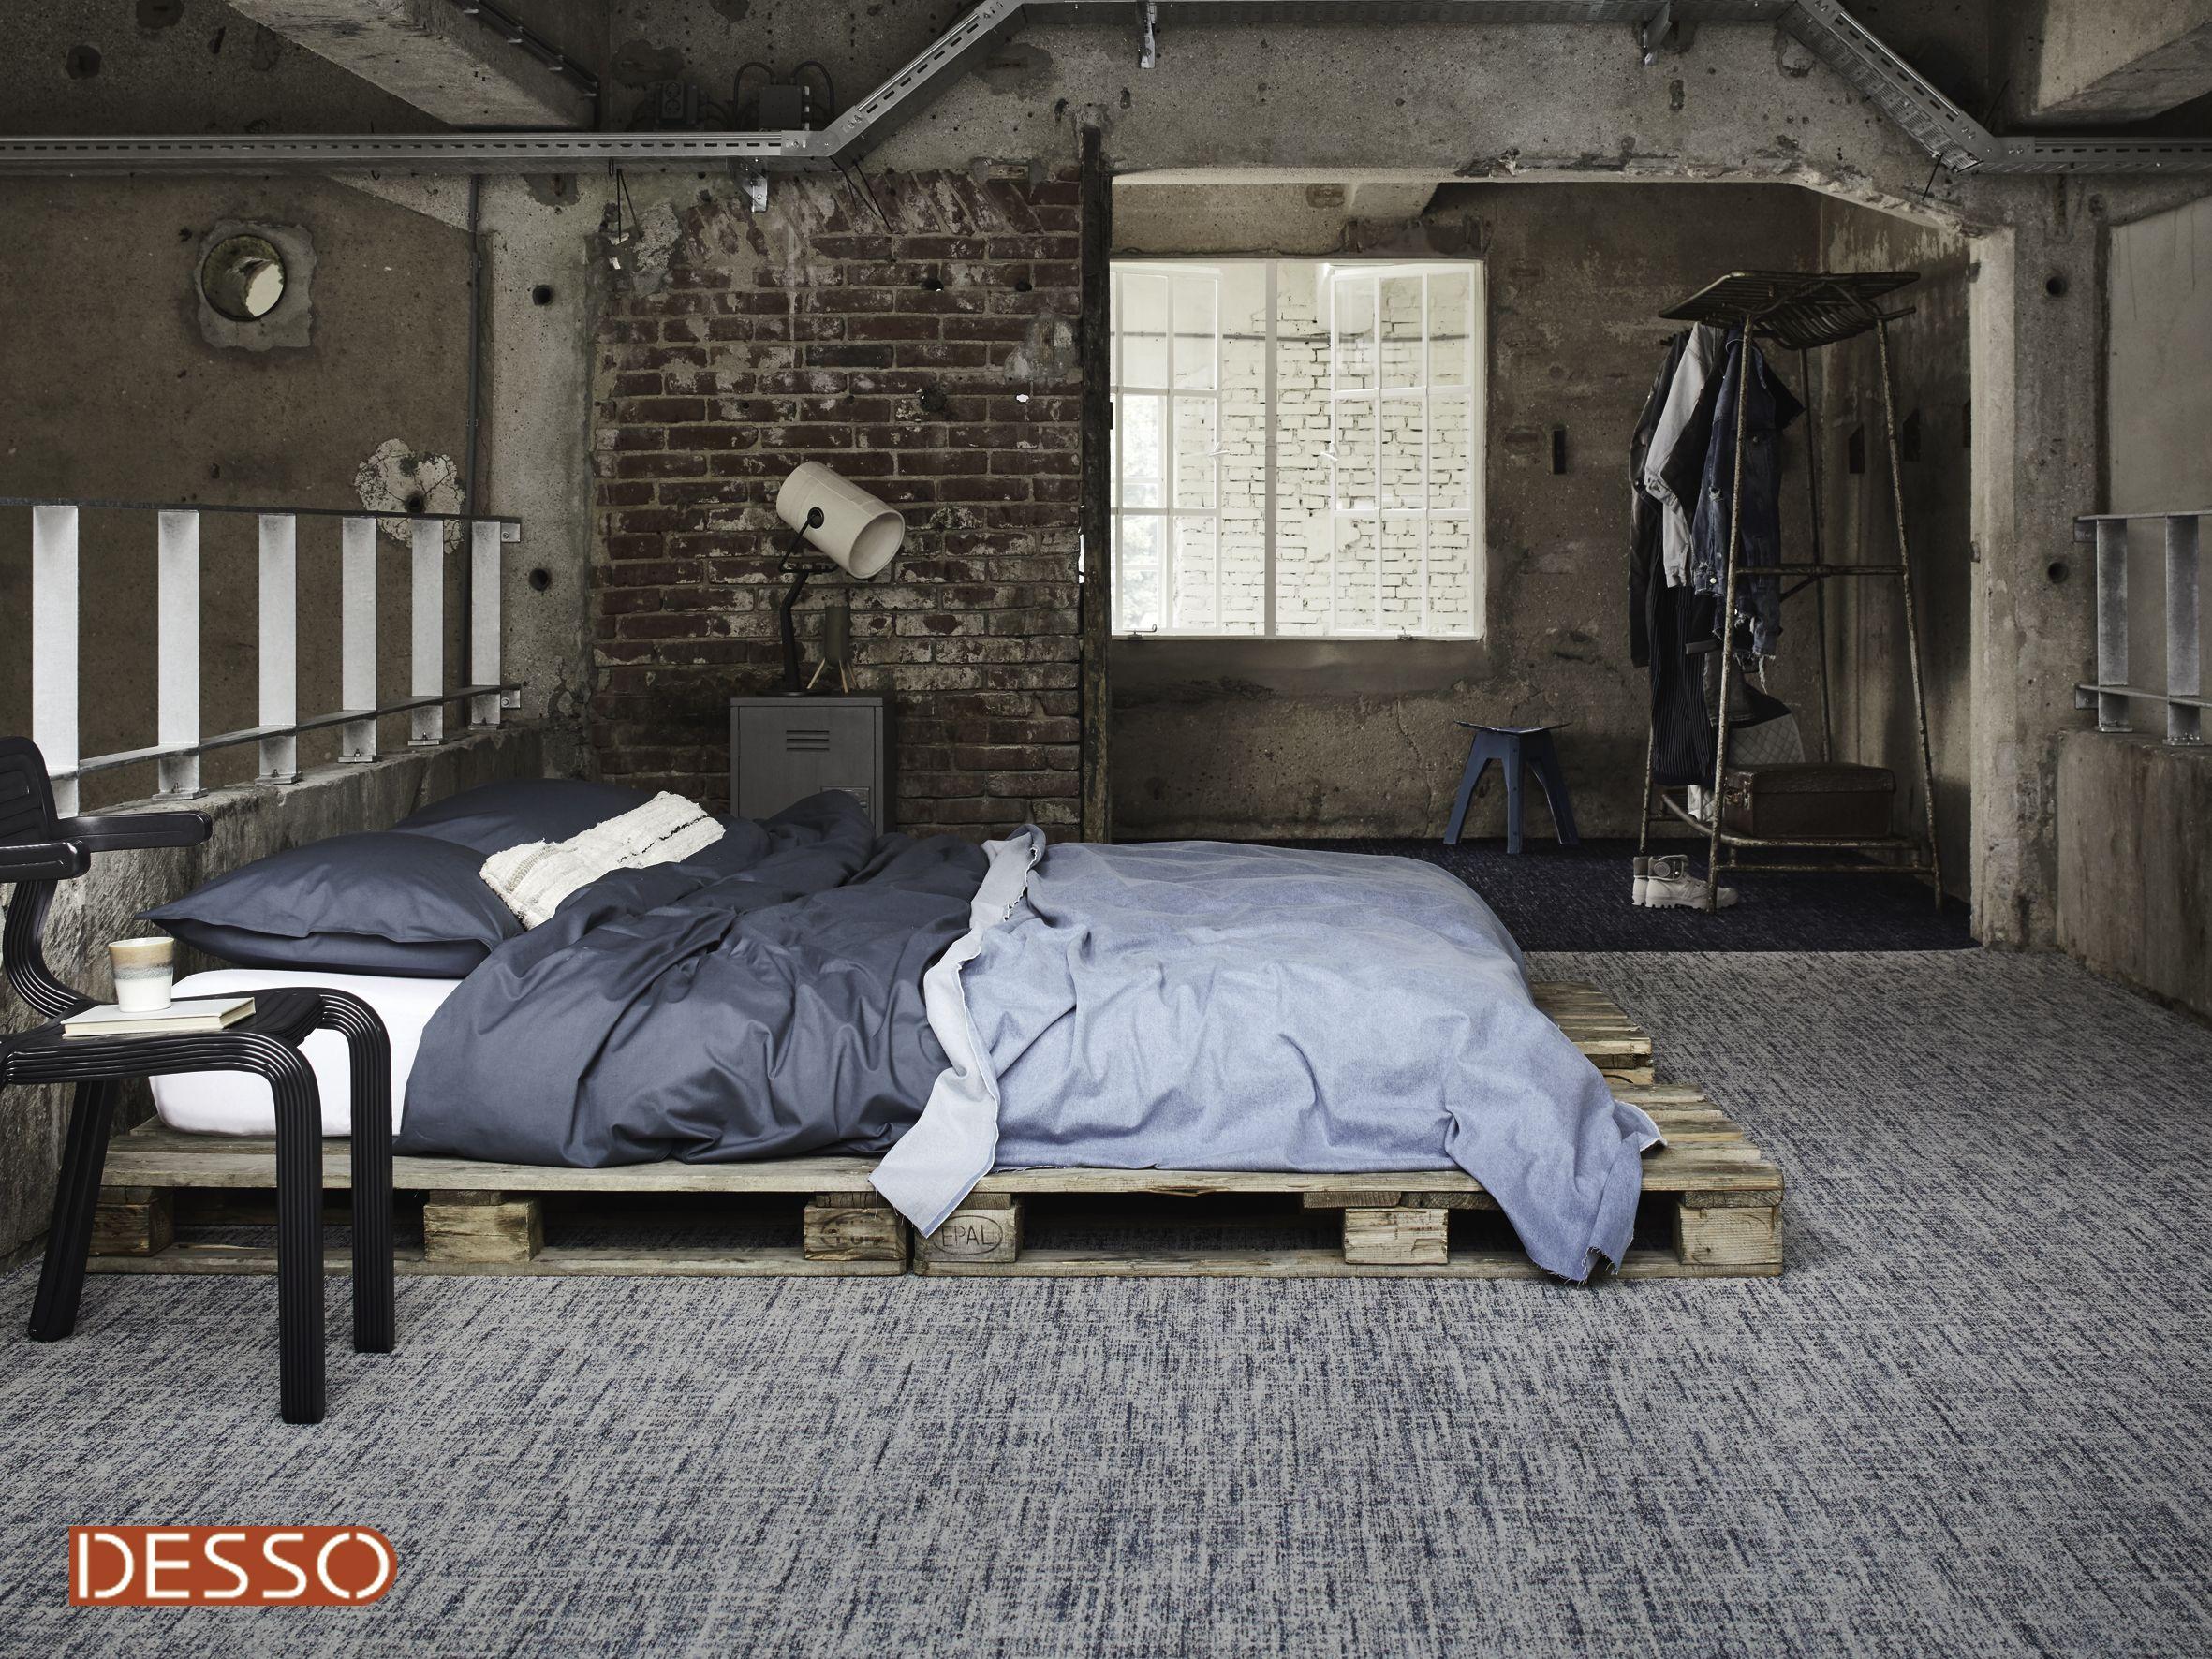 Slaapkamer Met Tapijt : Desso denim stonewash tapijt in de slaapkamer industriele